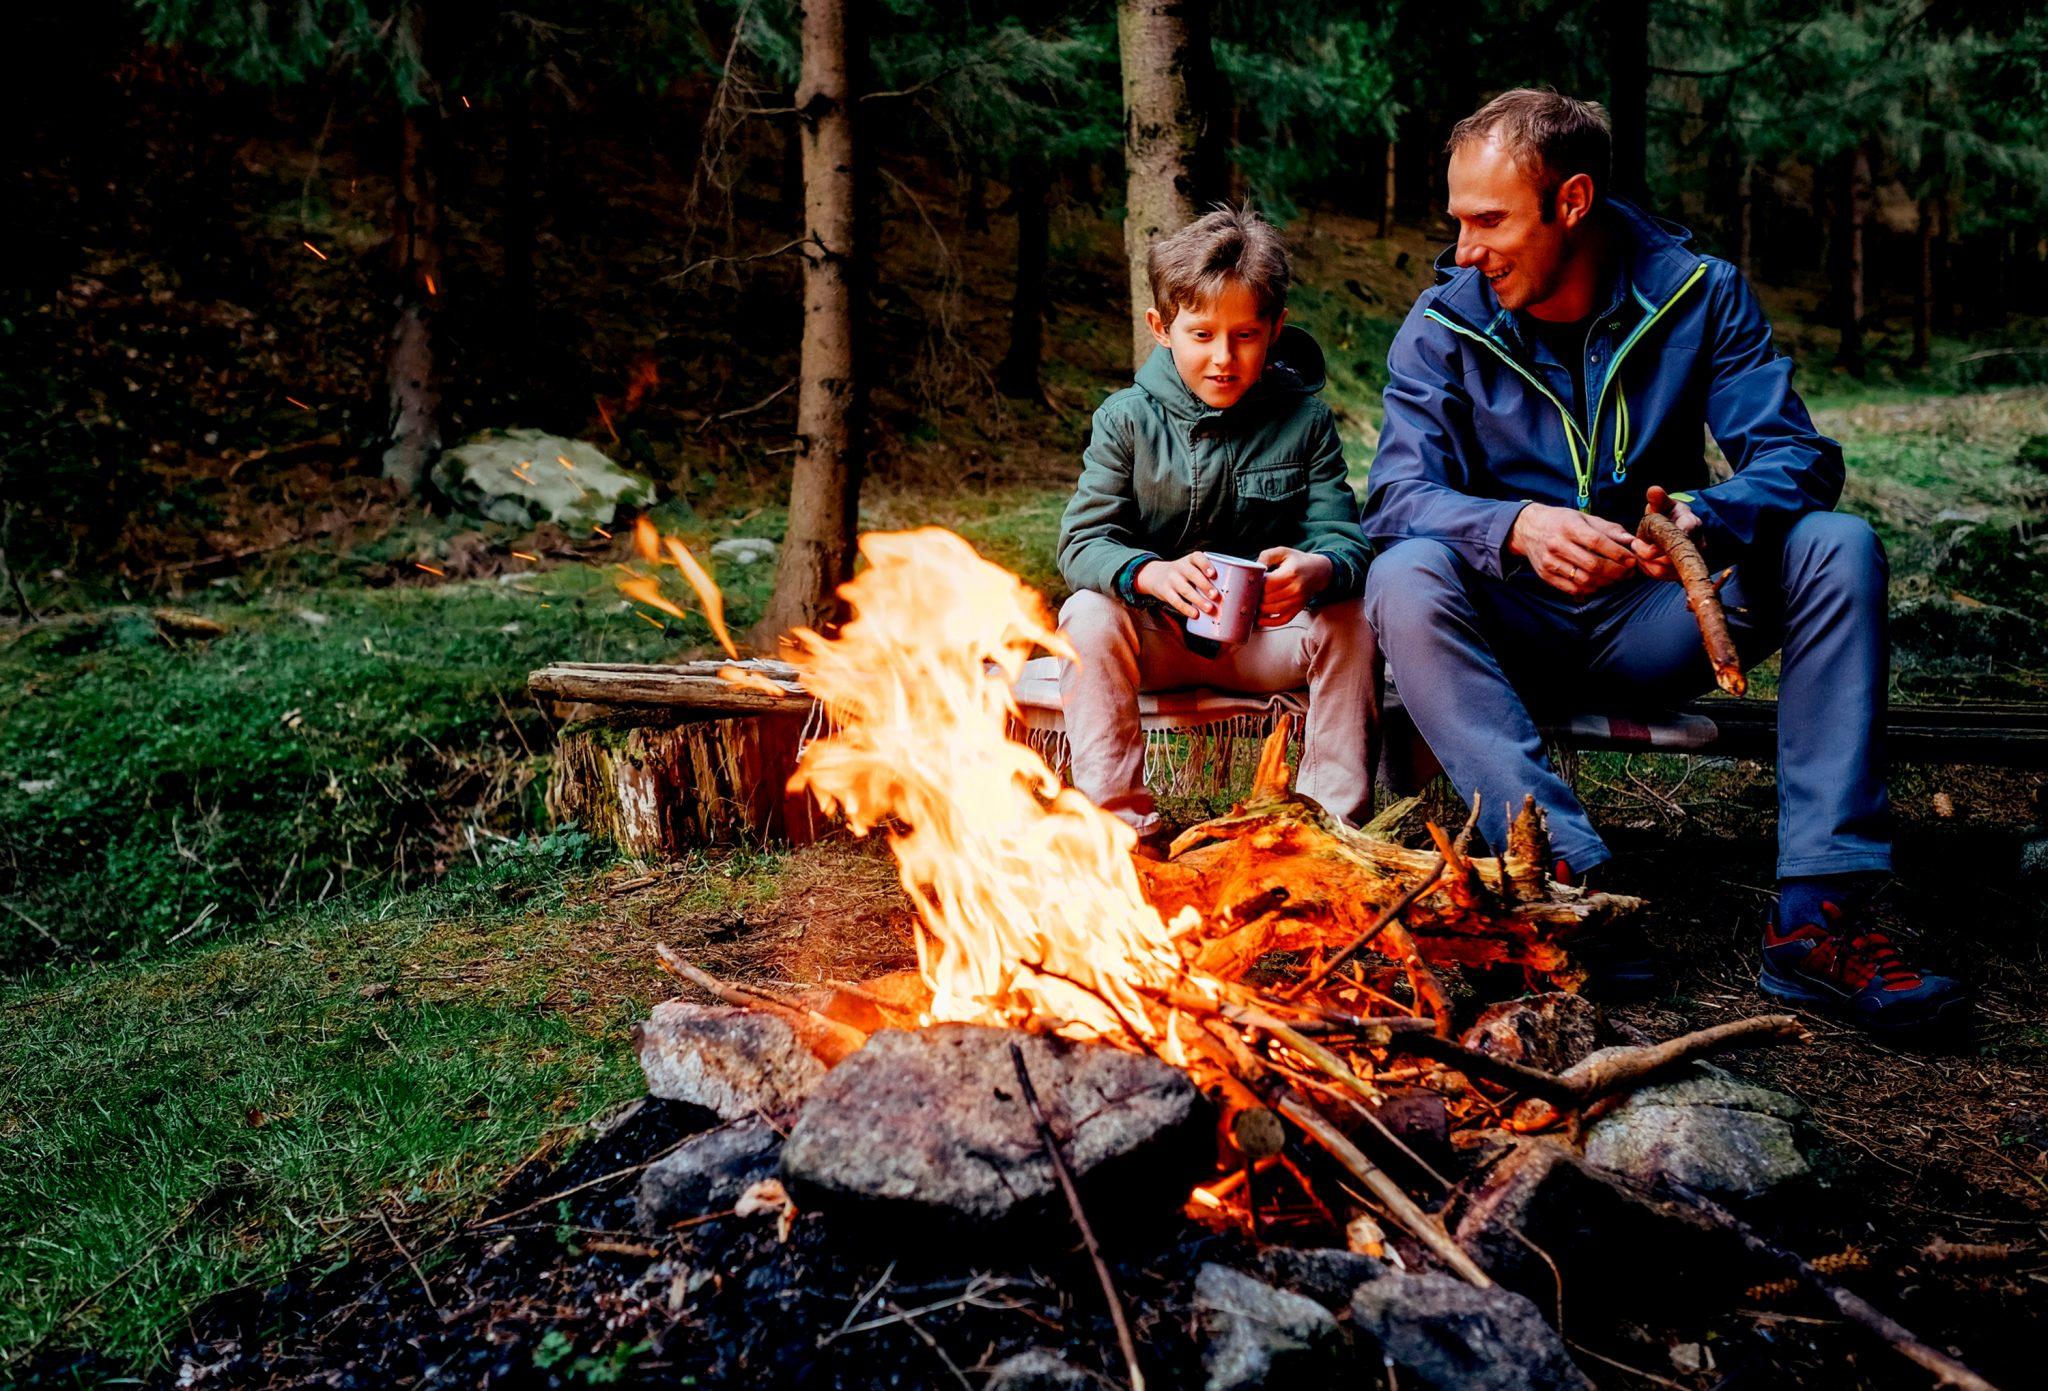 親子で焚火をしながら談笑している